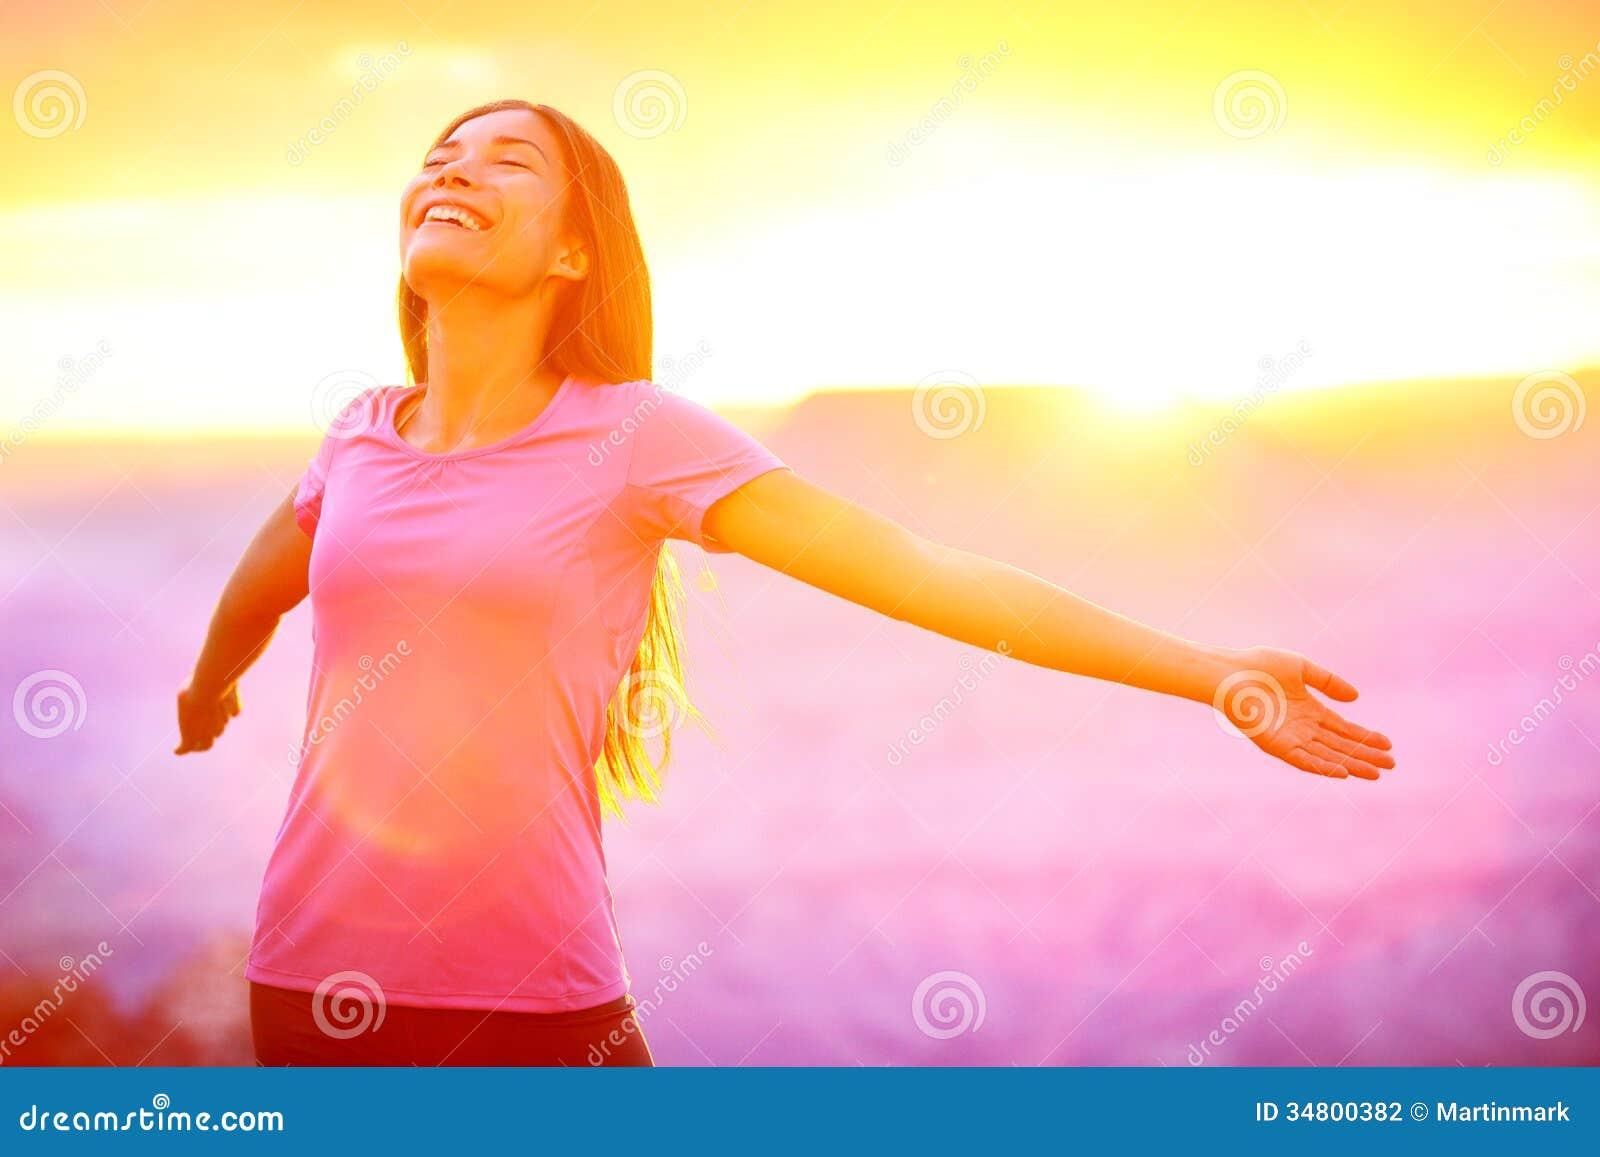 Картинки на тему счастливые люди на природе